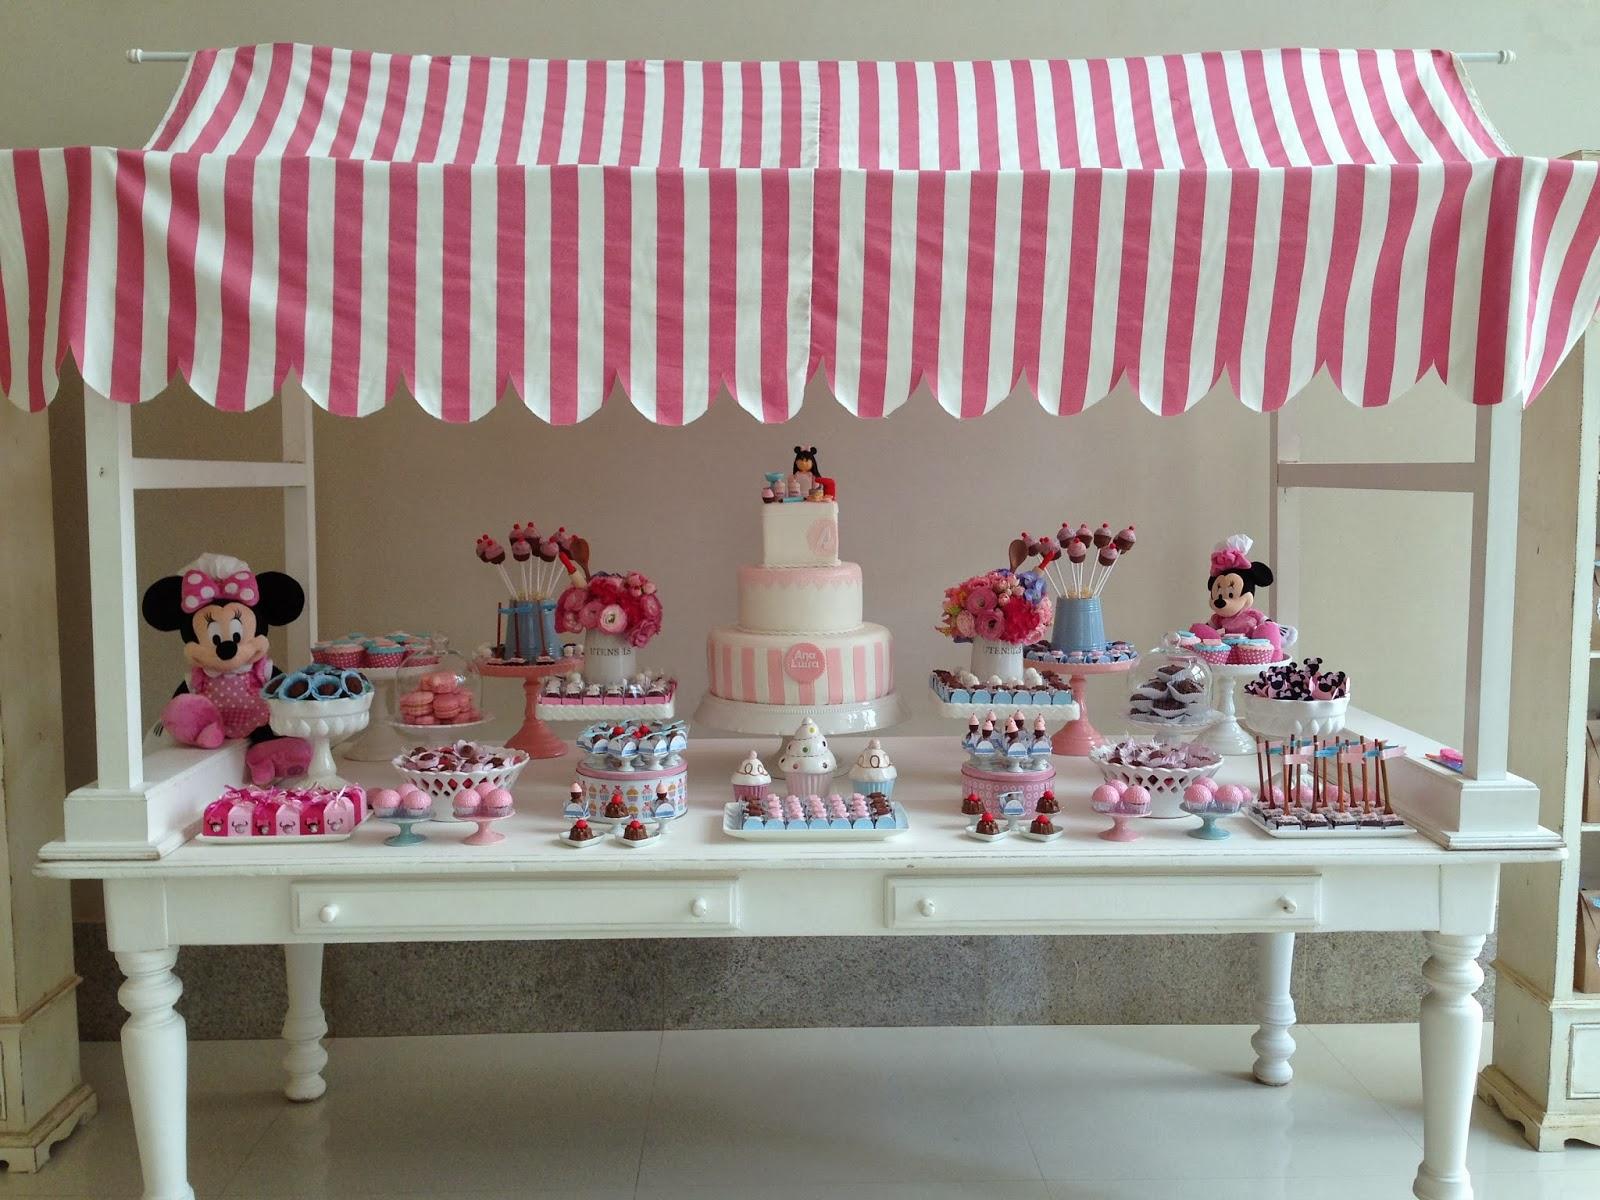 #8C3F54 Bella Fiore Decoração de Eventos: Festa Minnie Confeiteira 1600x1200 px Projeto Cozinha Confeitaria #2489 imagens